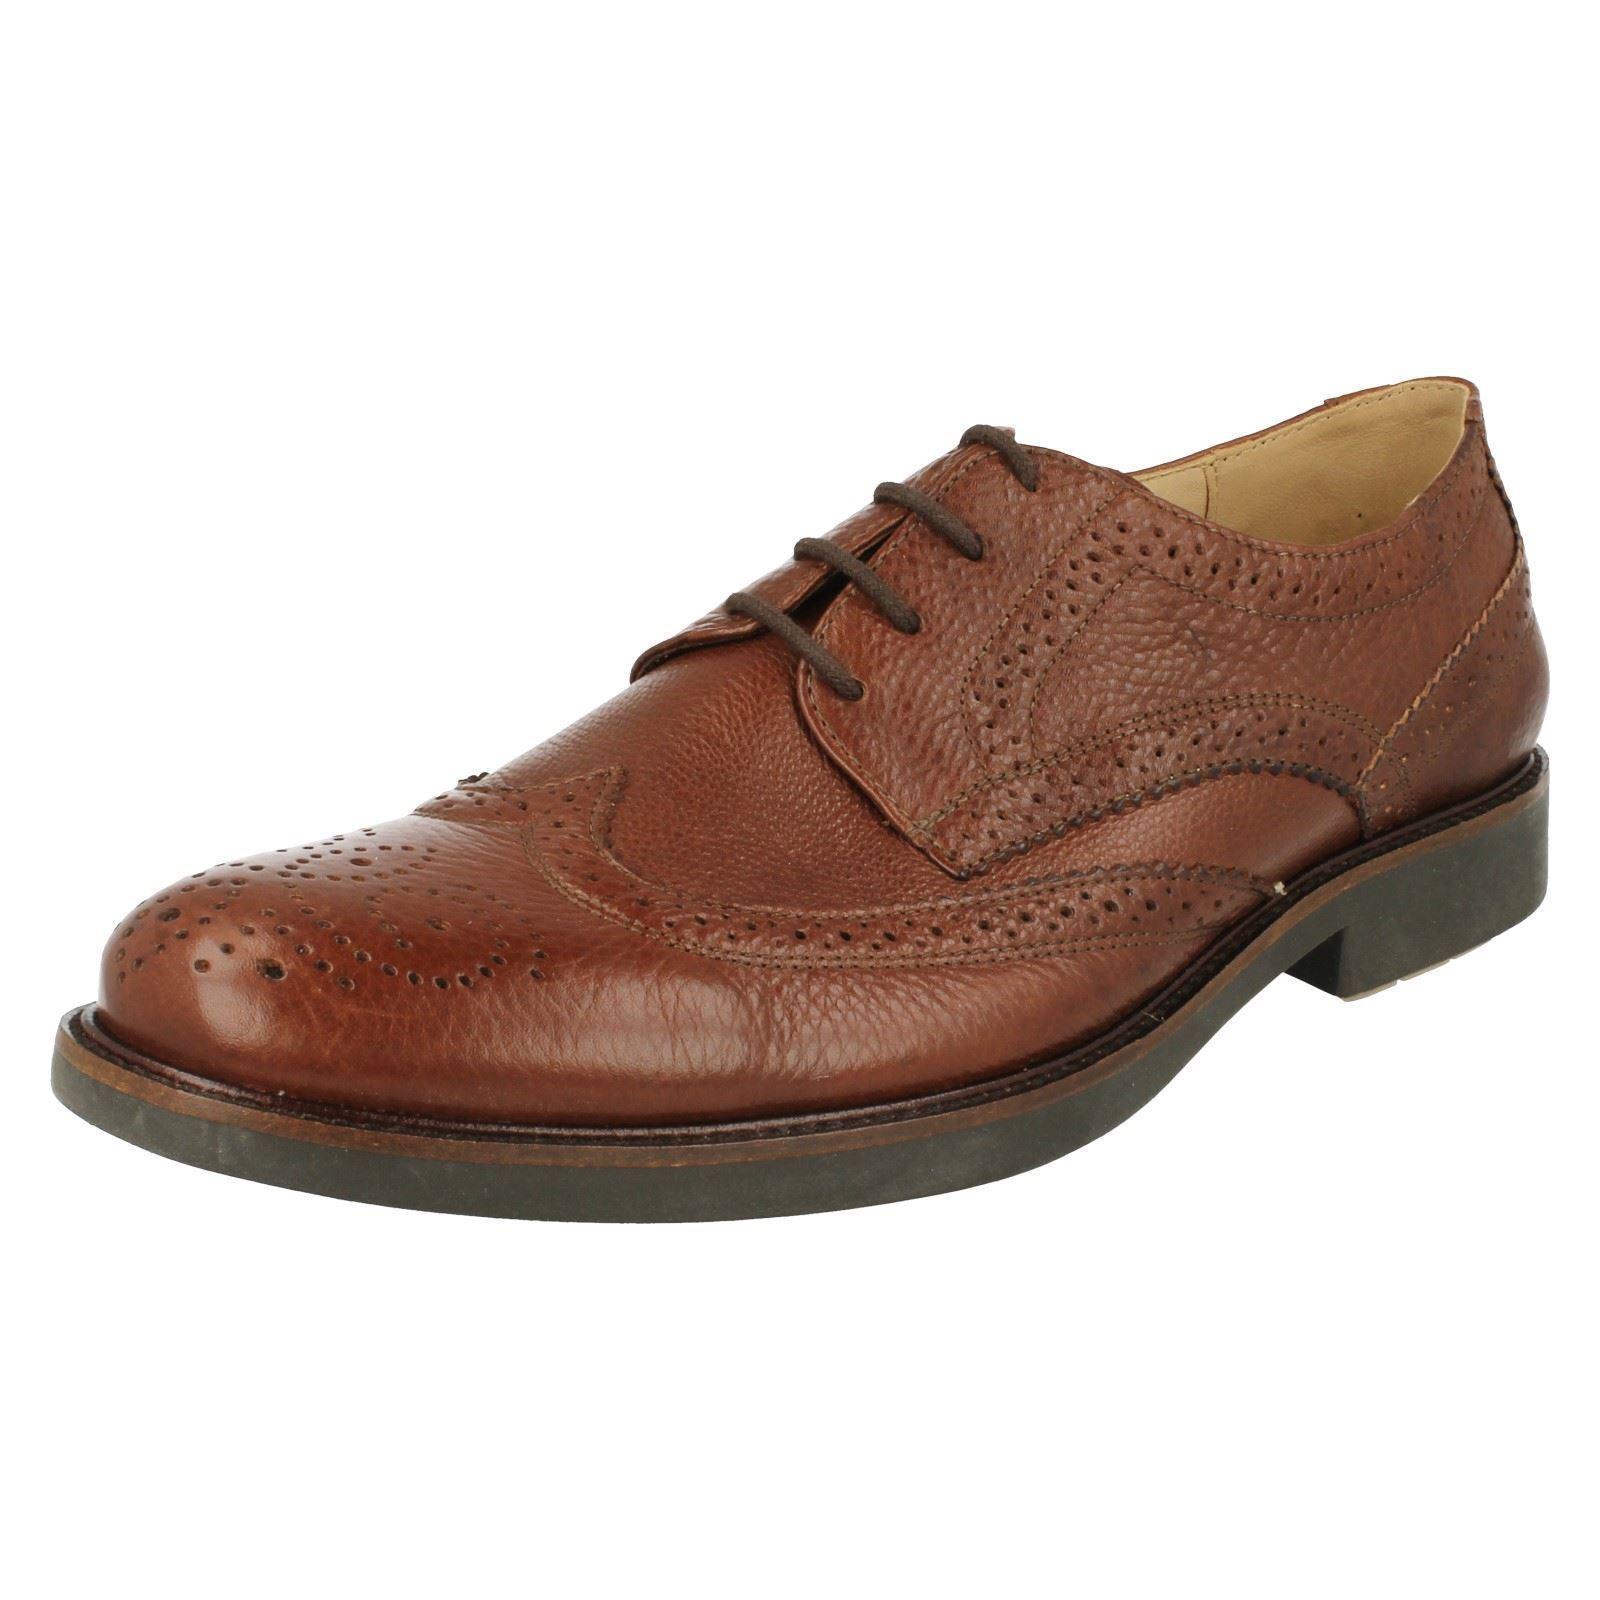 Anatomic & Co PALMA 909036 Uomo Pelle Marrone robuste lacci delle scarpe (R40A)